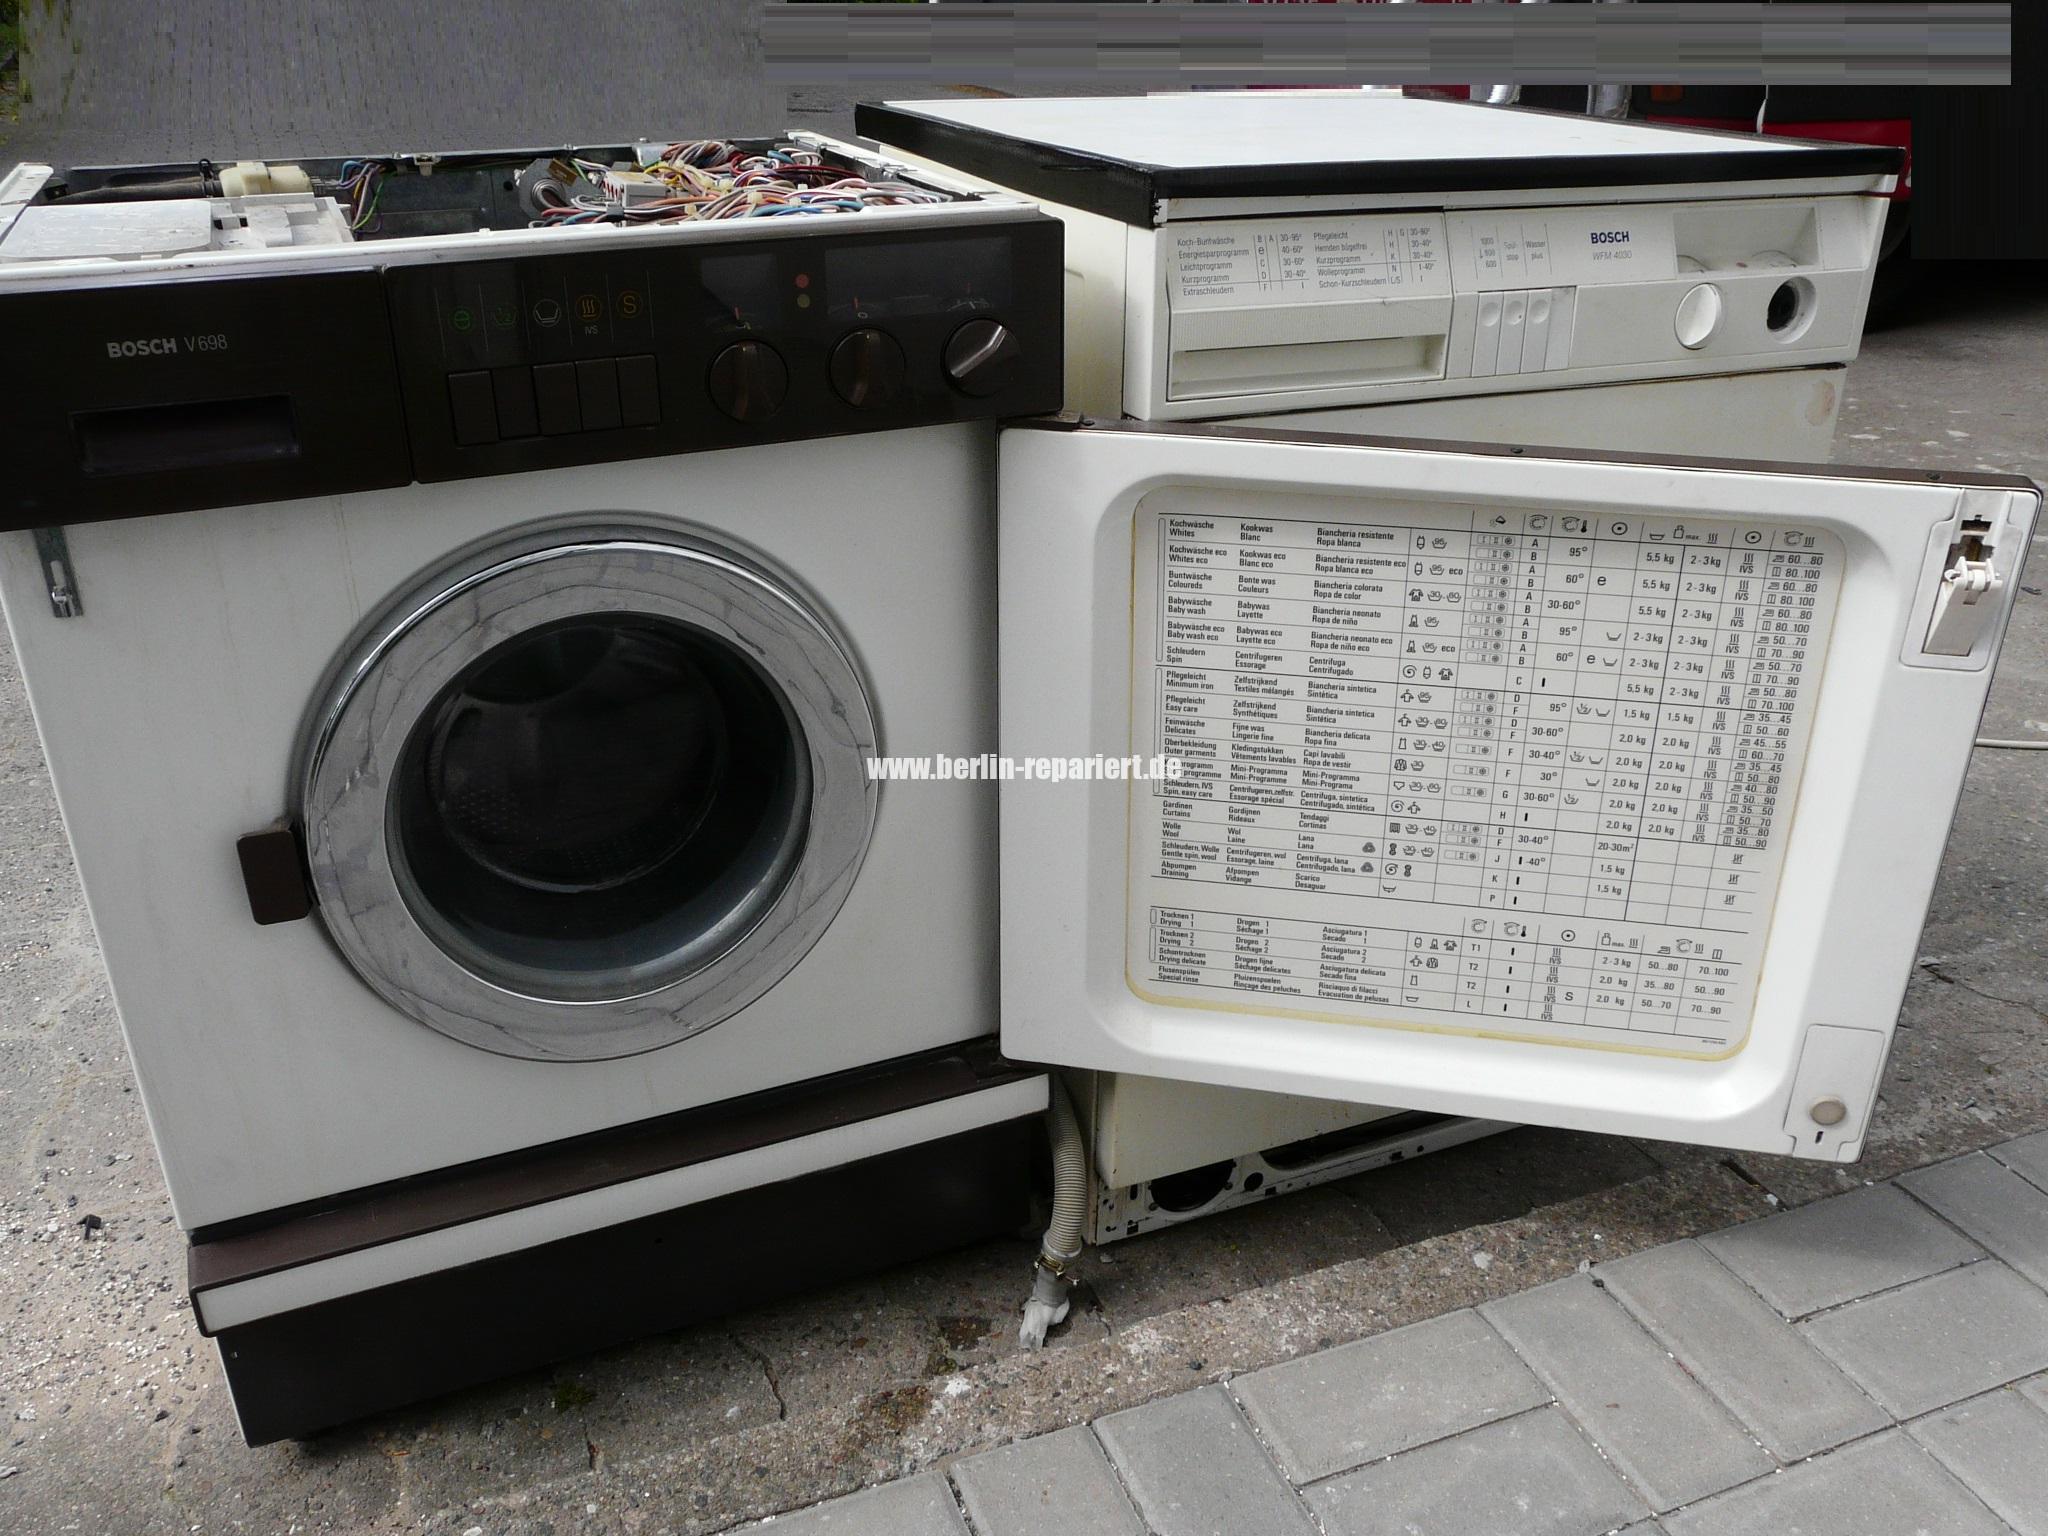 Bosch v 698 wasch trockner wmv6980 02 und die technik von damals